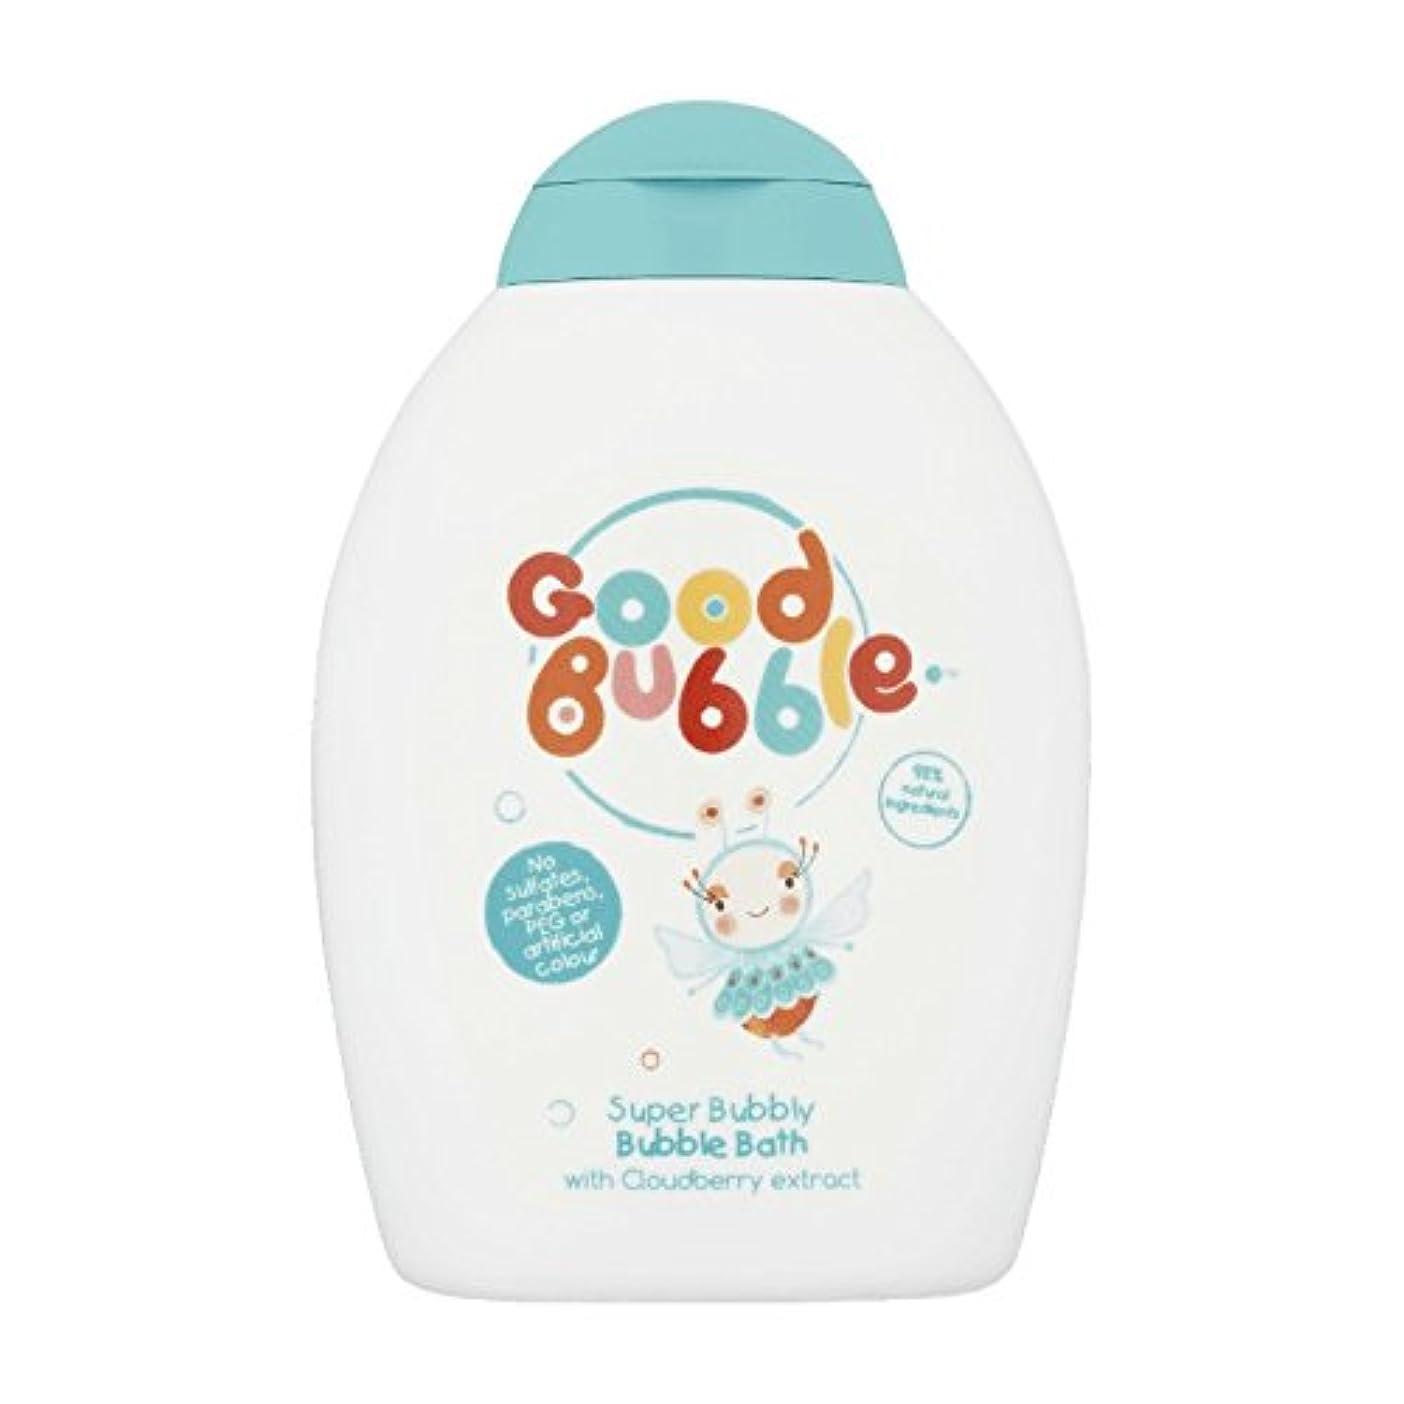 レンダー森林スペイン語良いバブルクラウドベリーバブルバス400ミリリットル - Good Bubble Cloudberry Bubble Bath 400ml (Good Bubble) [並行輸入品]